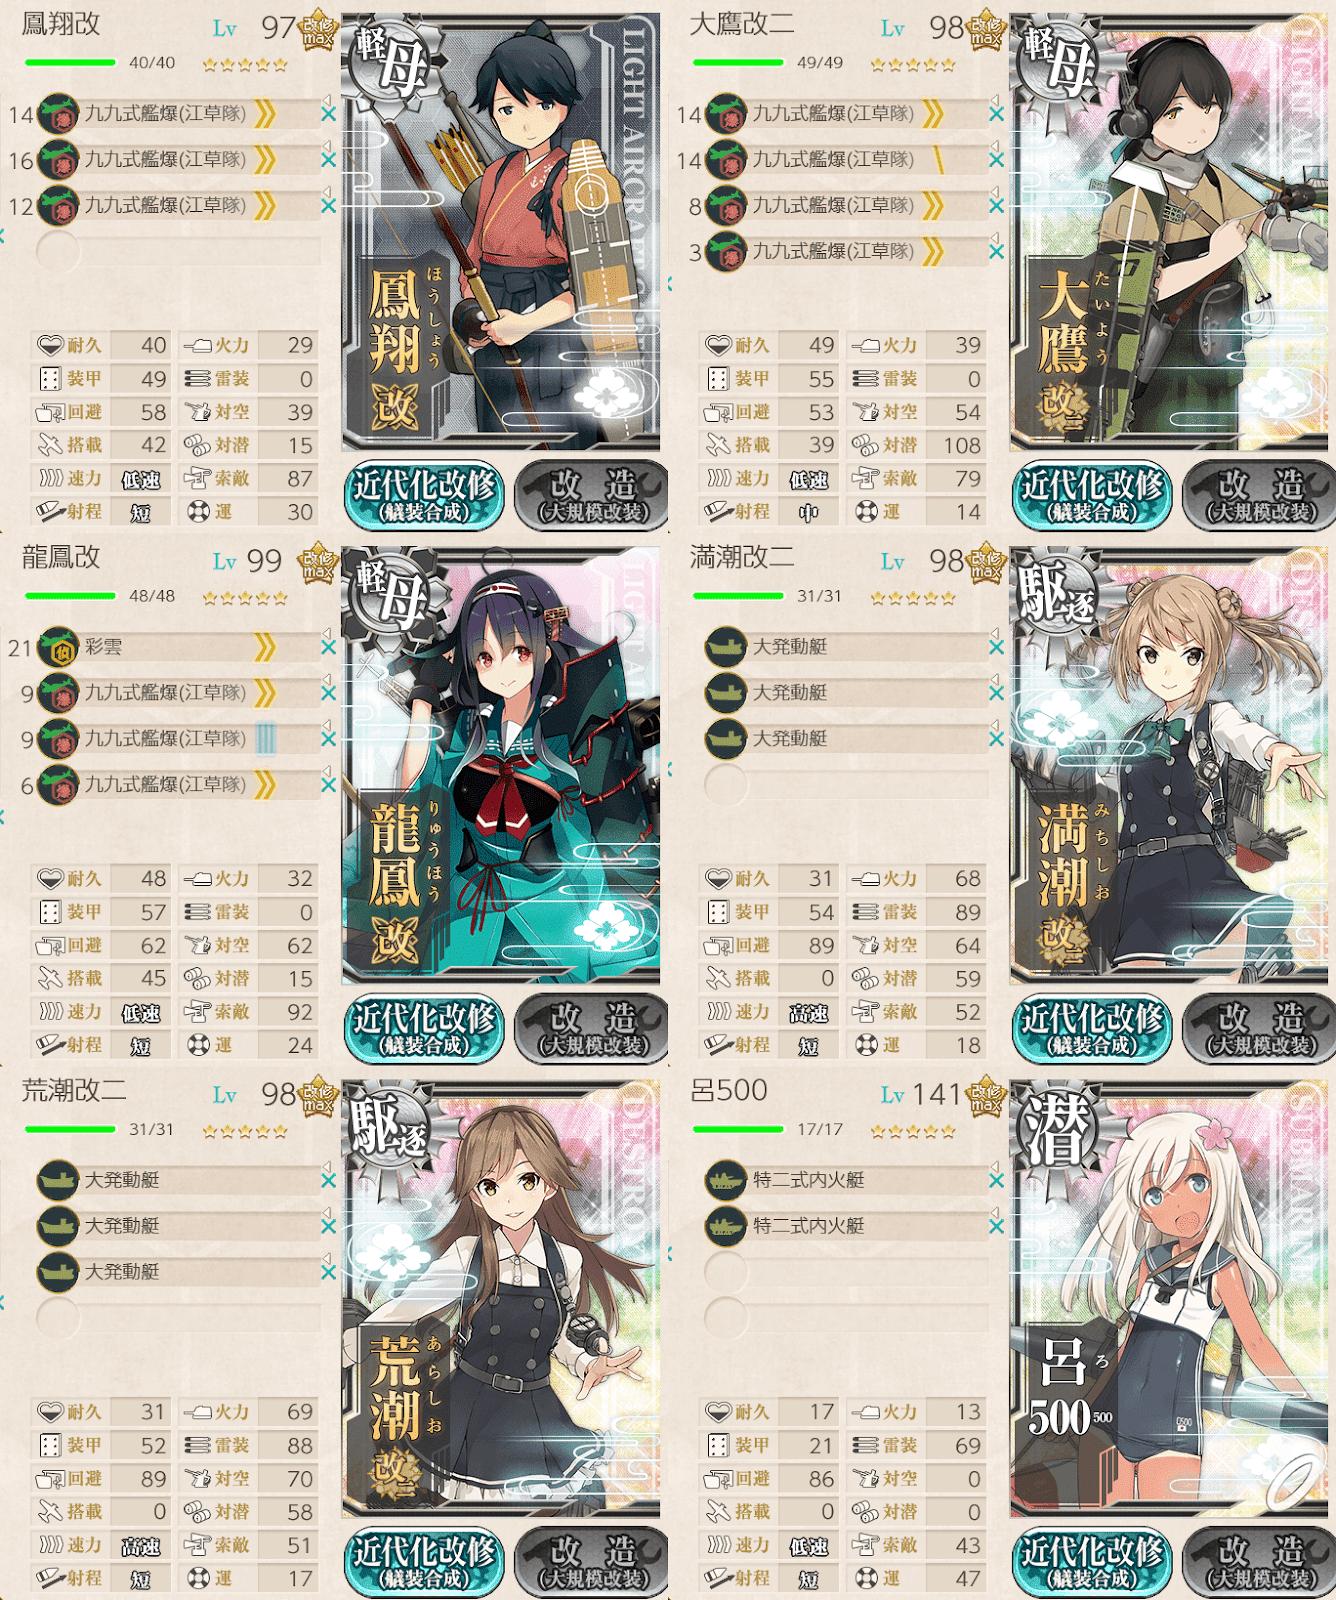 ボーキサイト 船団 護衛